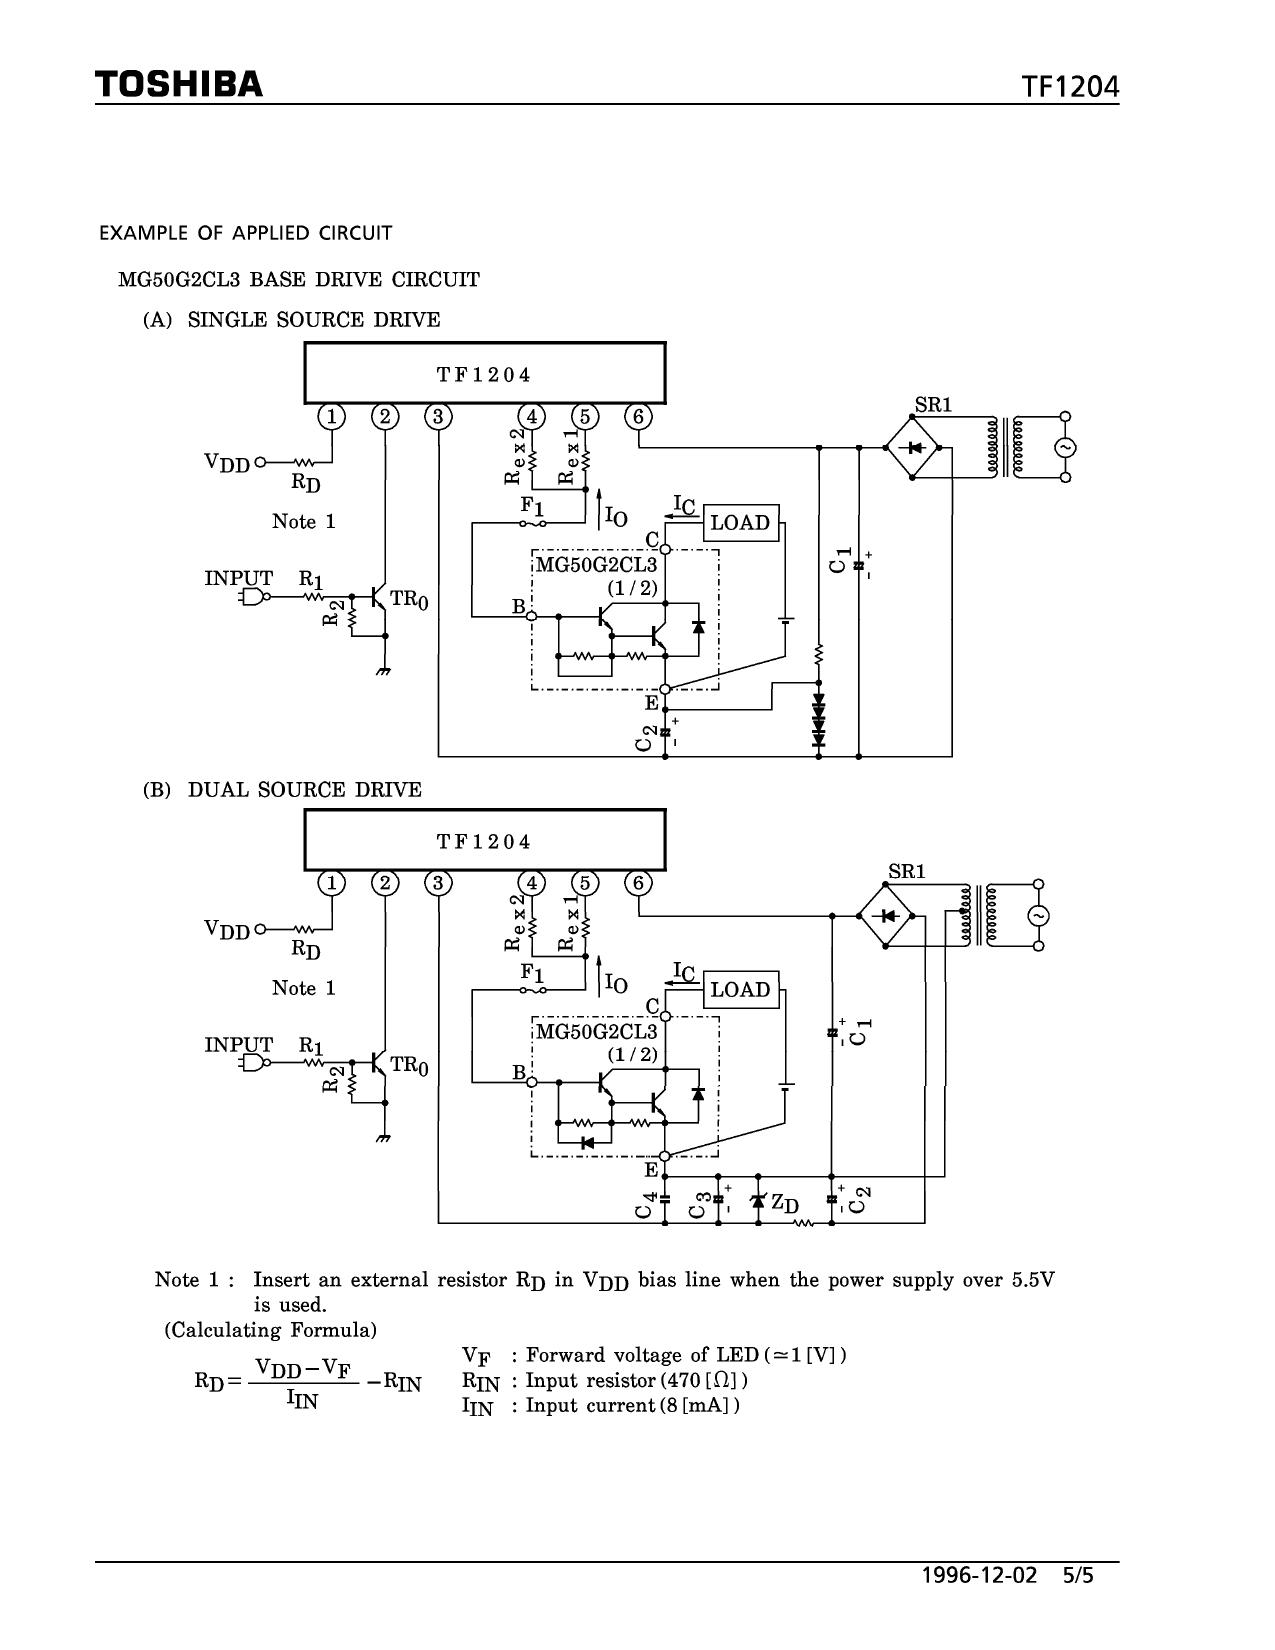 TF1204 pdf